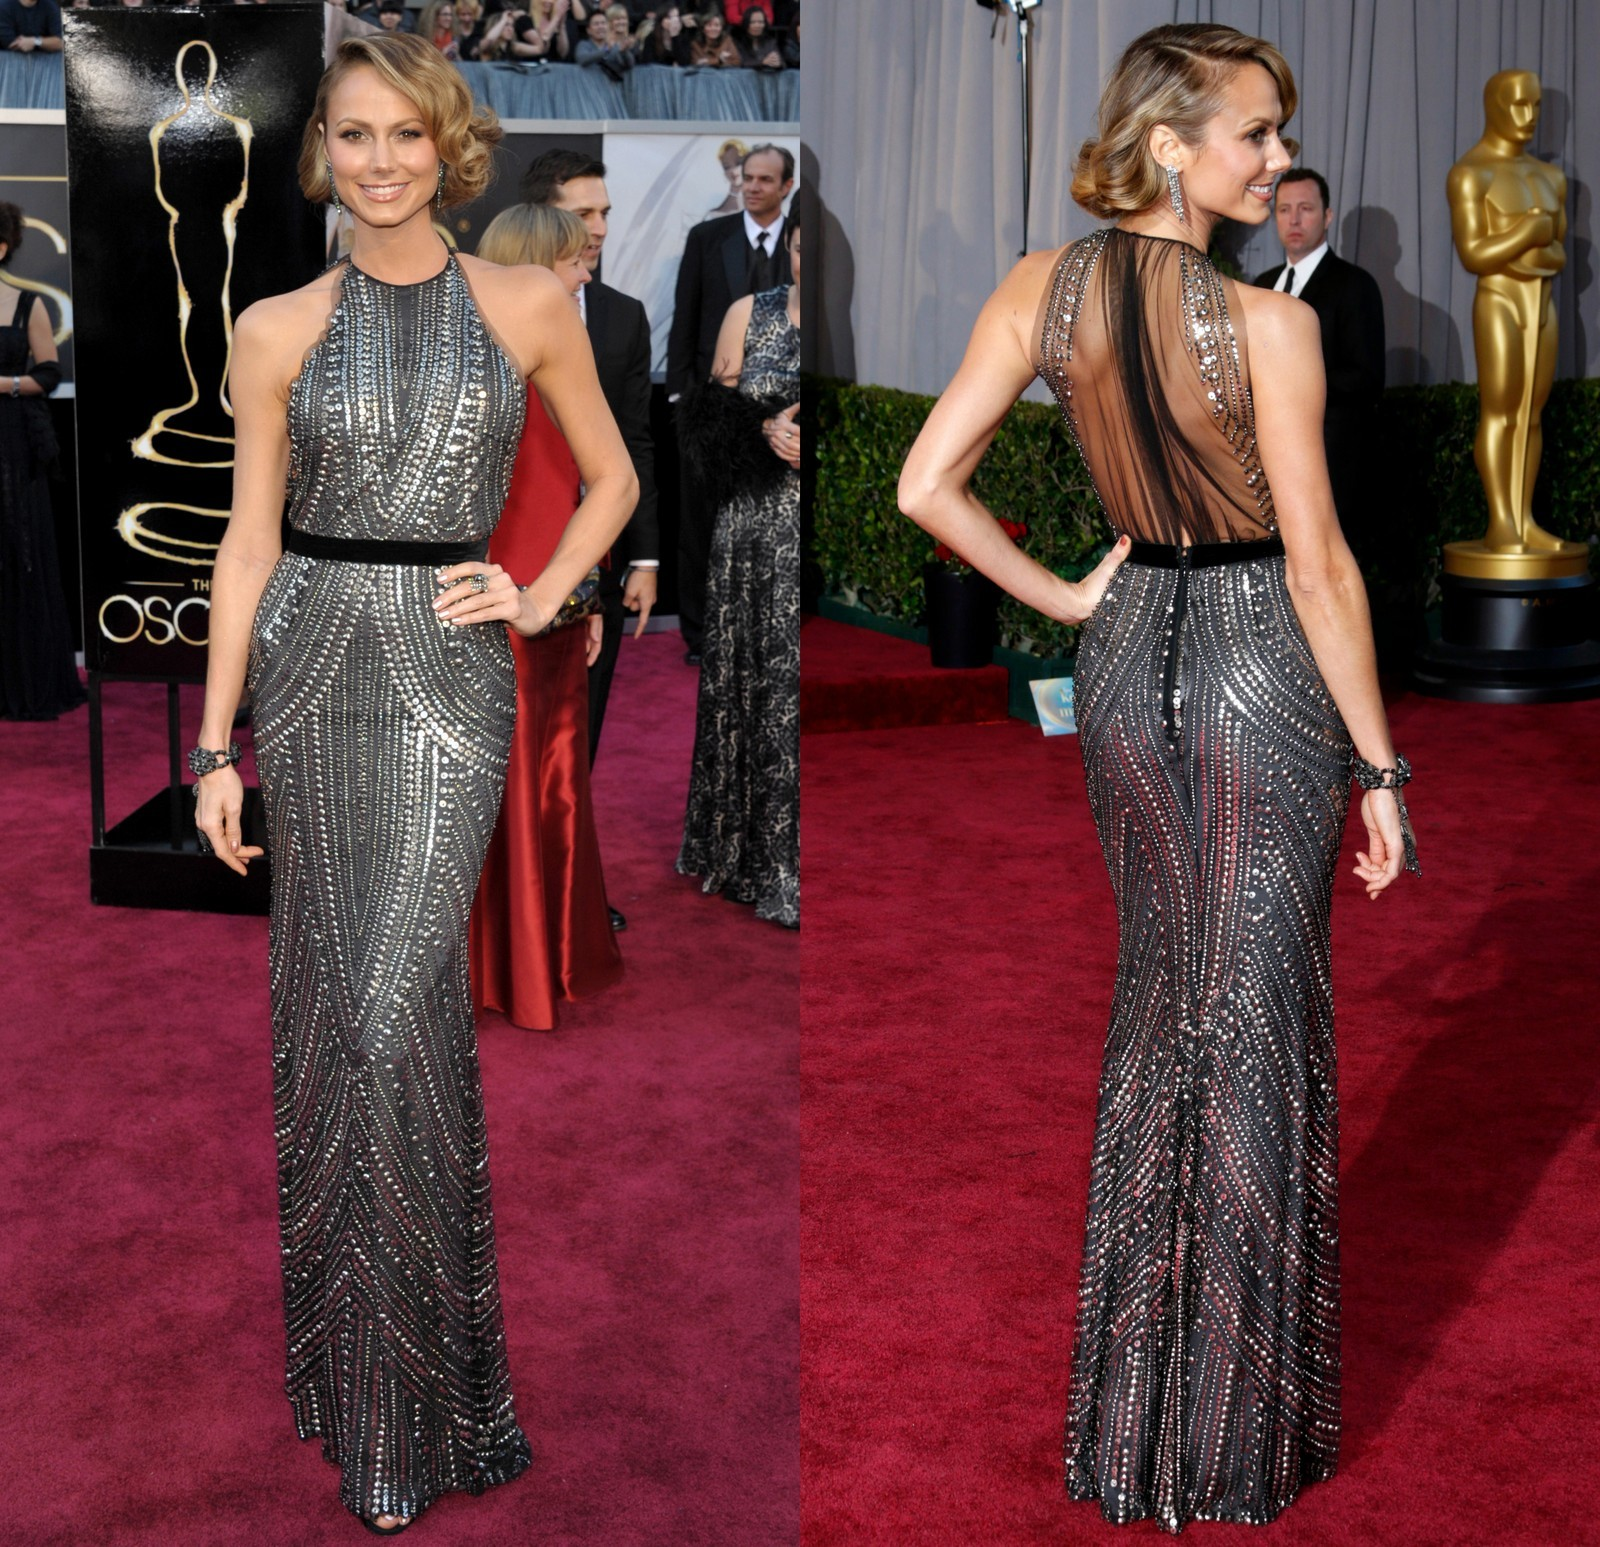 Stacy Keibler 2013 Oscars